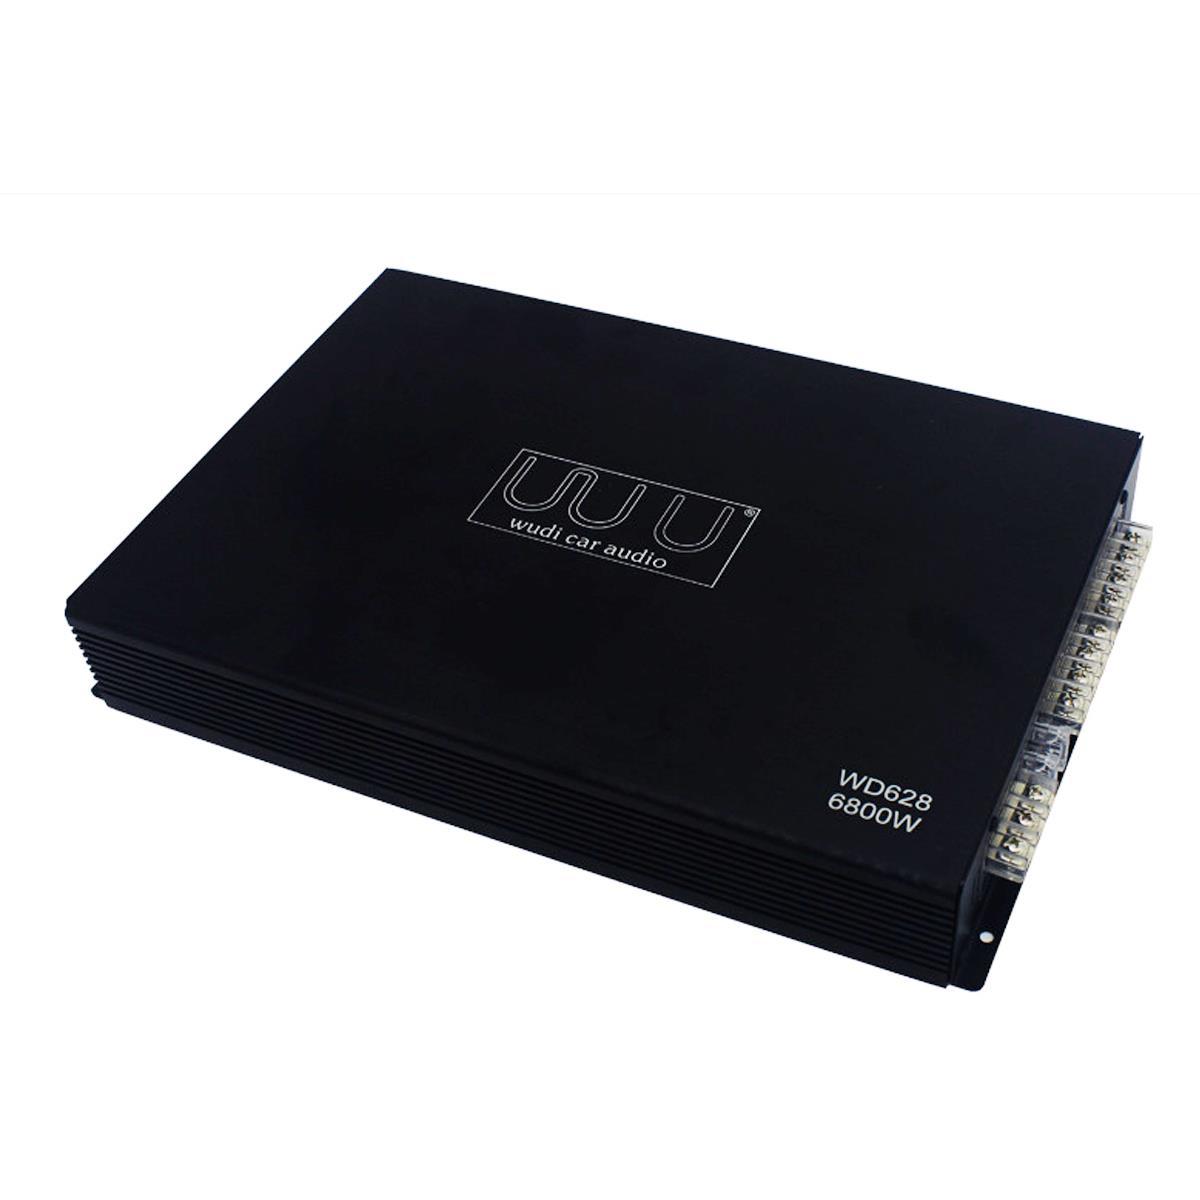 DC 12V Wudi 6800 Watt 4-Channel Car Power Amplifier